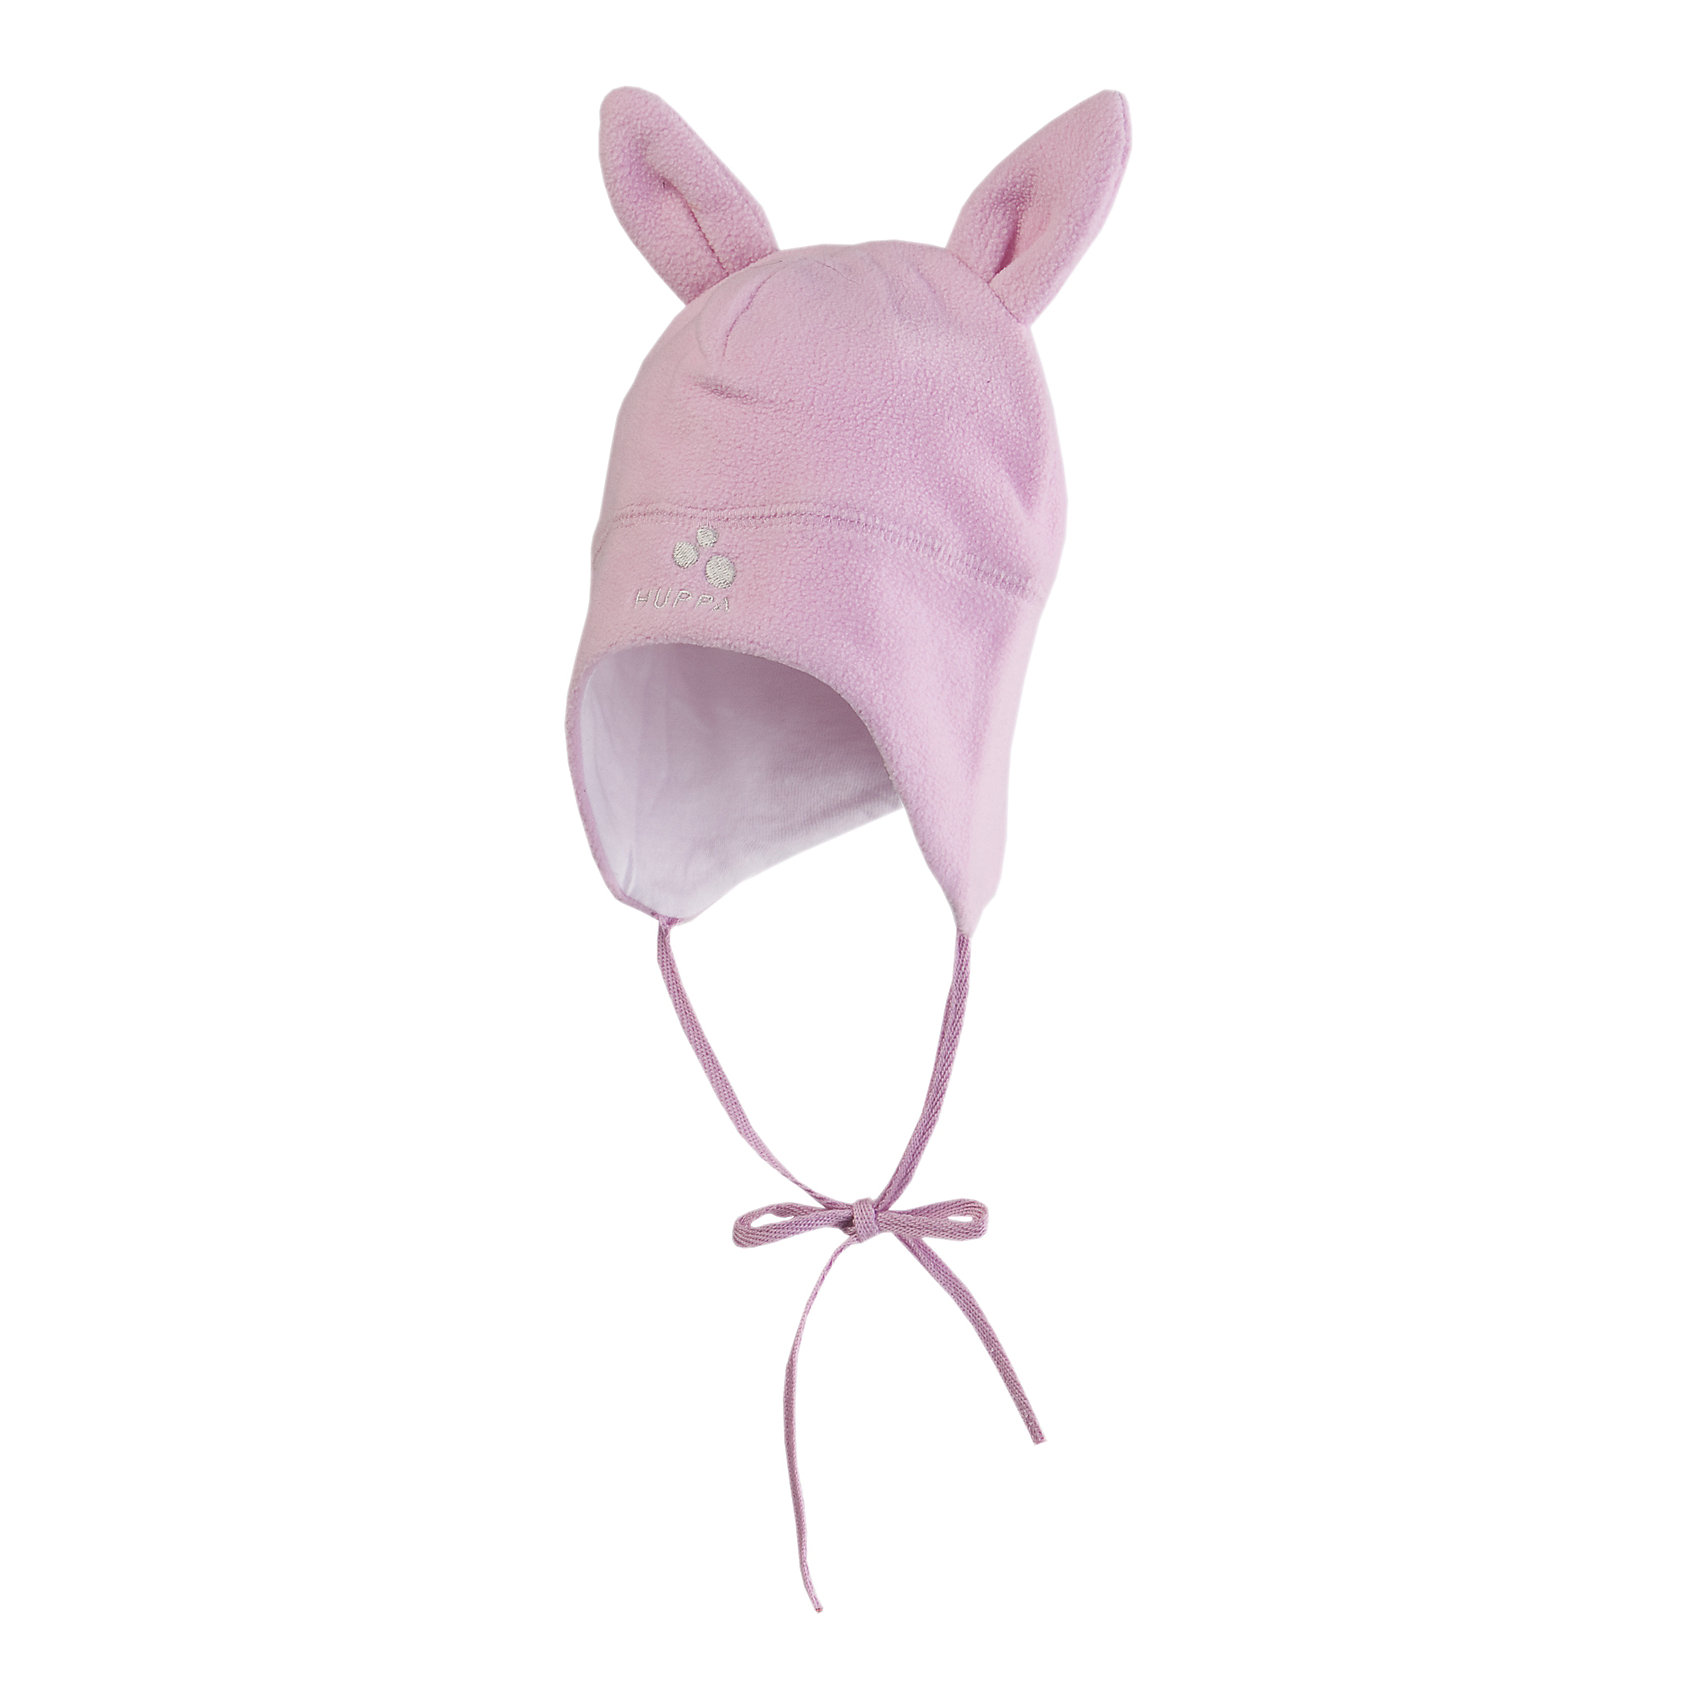 Шапка Winnie для девочки HuppaШапочки<br>Характеристики товара:<br><br>• цвет: розовый<br>• состав: 100% полиэстер (флис), подкладка - 100% хлопок<br>• температурный режим: от 0°С до +10°С<br>• завязки<br>• ушки<br>• можно надевать под капюшон<br>• декорирована вышивкой с логотипом<br>• комфортная посадка<br>• мягкий материал<br>• страна бренда: Эстония<br><br>Эта шапка обеспечит малышам тепло и комфорт. Она сделана из приятного на ощупь материала с мягким ворсом, поэтому изделие не колется и не натирает. Подкладка выполнена из дышащего и гипоаллергенного хлопка. Шапка очень симпатично смотрится, а дизайн и отделка добавляют ей оригинальности. Модель была разработана специально для малышей.<br><br>Одежда и обувь от популярного эстонского бренда Huppa - отличный вариант одеть ребенка можно и комфортно. Вещи, выпускаемые компанией, качественные, продуманные и очень удобные. Для производства изделий используются только безопасные для детей материалы. Продукция от Huppa порадует и детей, и их родителей!<br><br>Шапку для девочки от бренда Huppa (Хуппа) можно купить в нашем интернет-магазине.<br><br>Ширина мм: 89<br>Глубина мм: 117<br>Высота мм: 44<br>Вес г: 155<br>Цвет: синий<br>Возраст от месяцев: 9<br>Возраст до месяцев: 12<br>Пол: Женский<br>Возраст: Детский<br>Размер: 47-49,39-43,43-45,39-41<br>SKU: 4595882